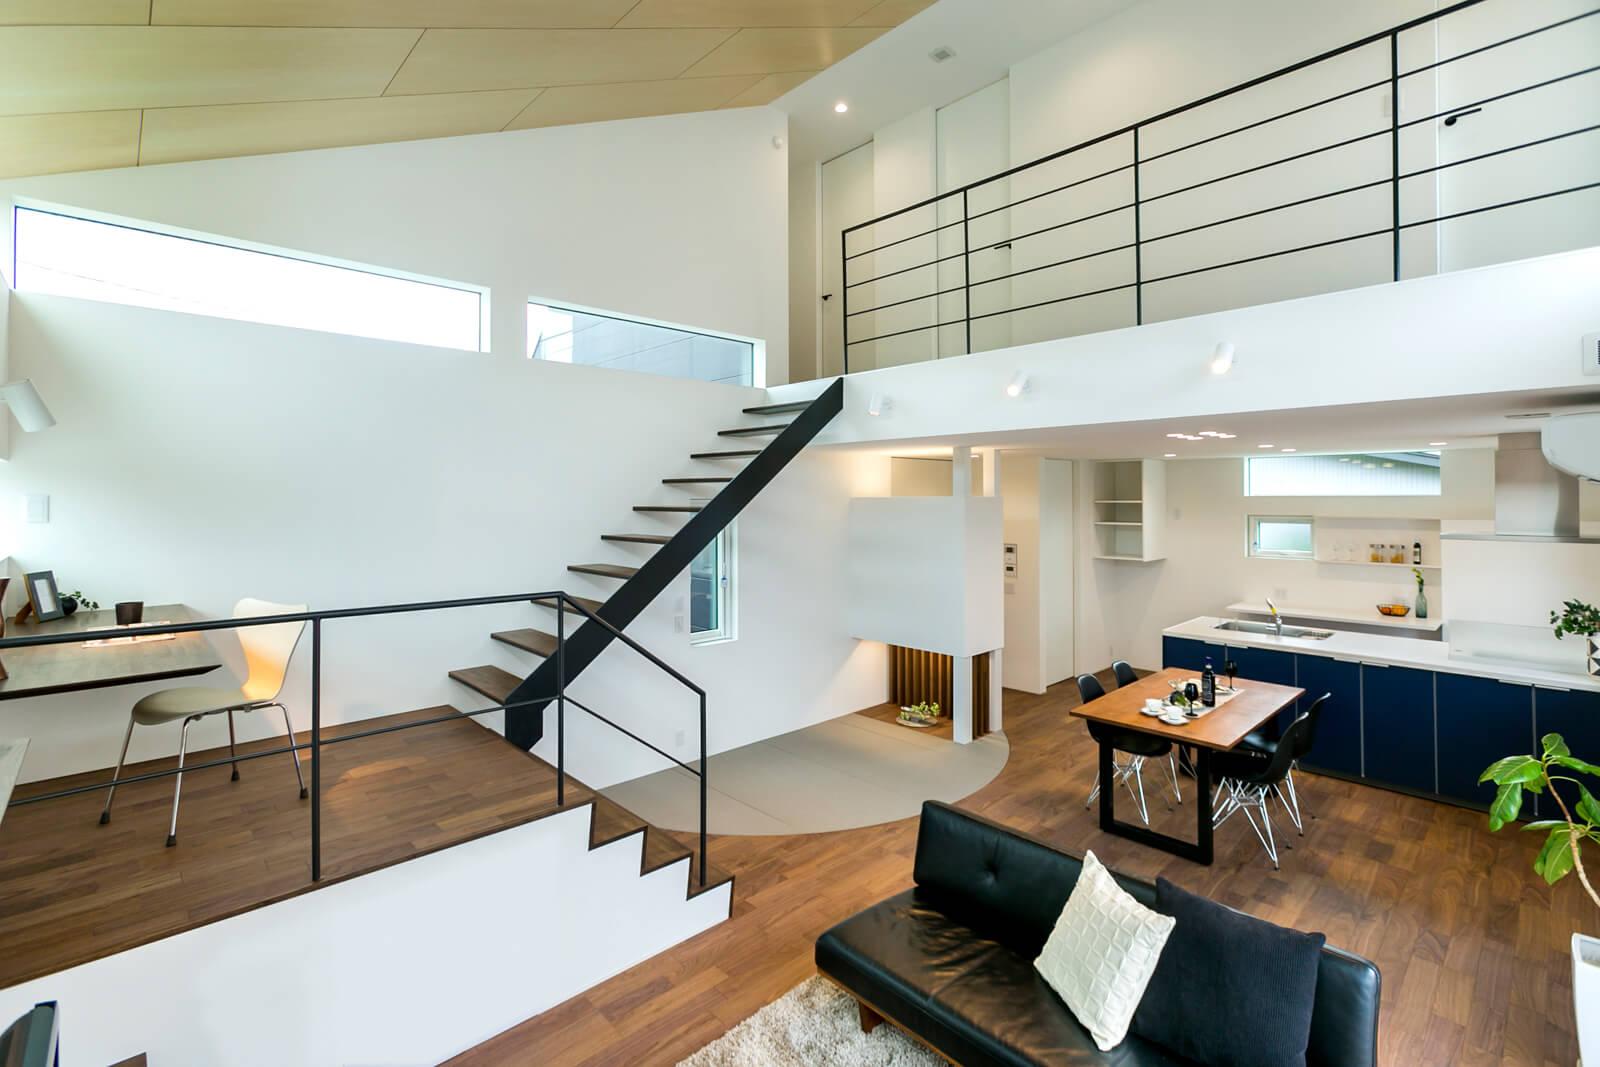 リビングから2階を望む。階段下に設けたアールの畳スペースはシャープなリビング空間の和みポイント